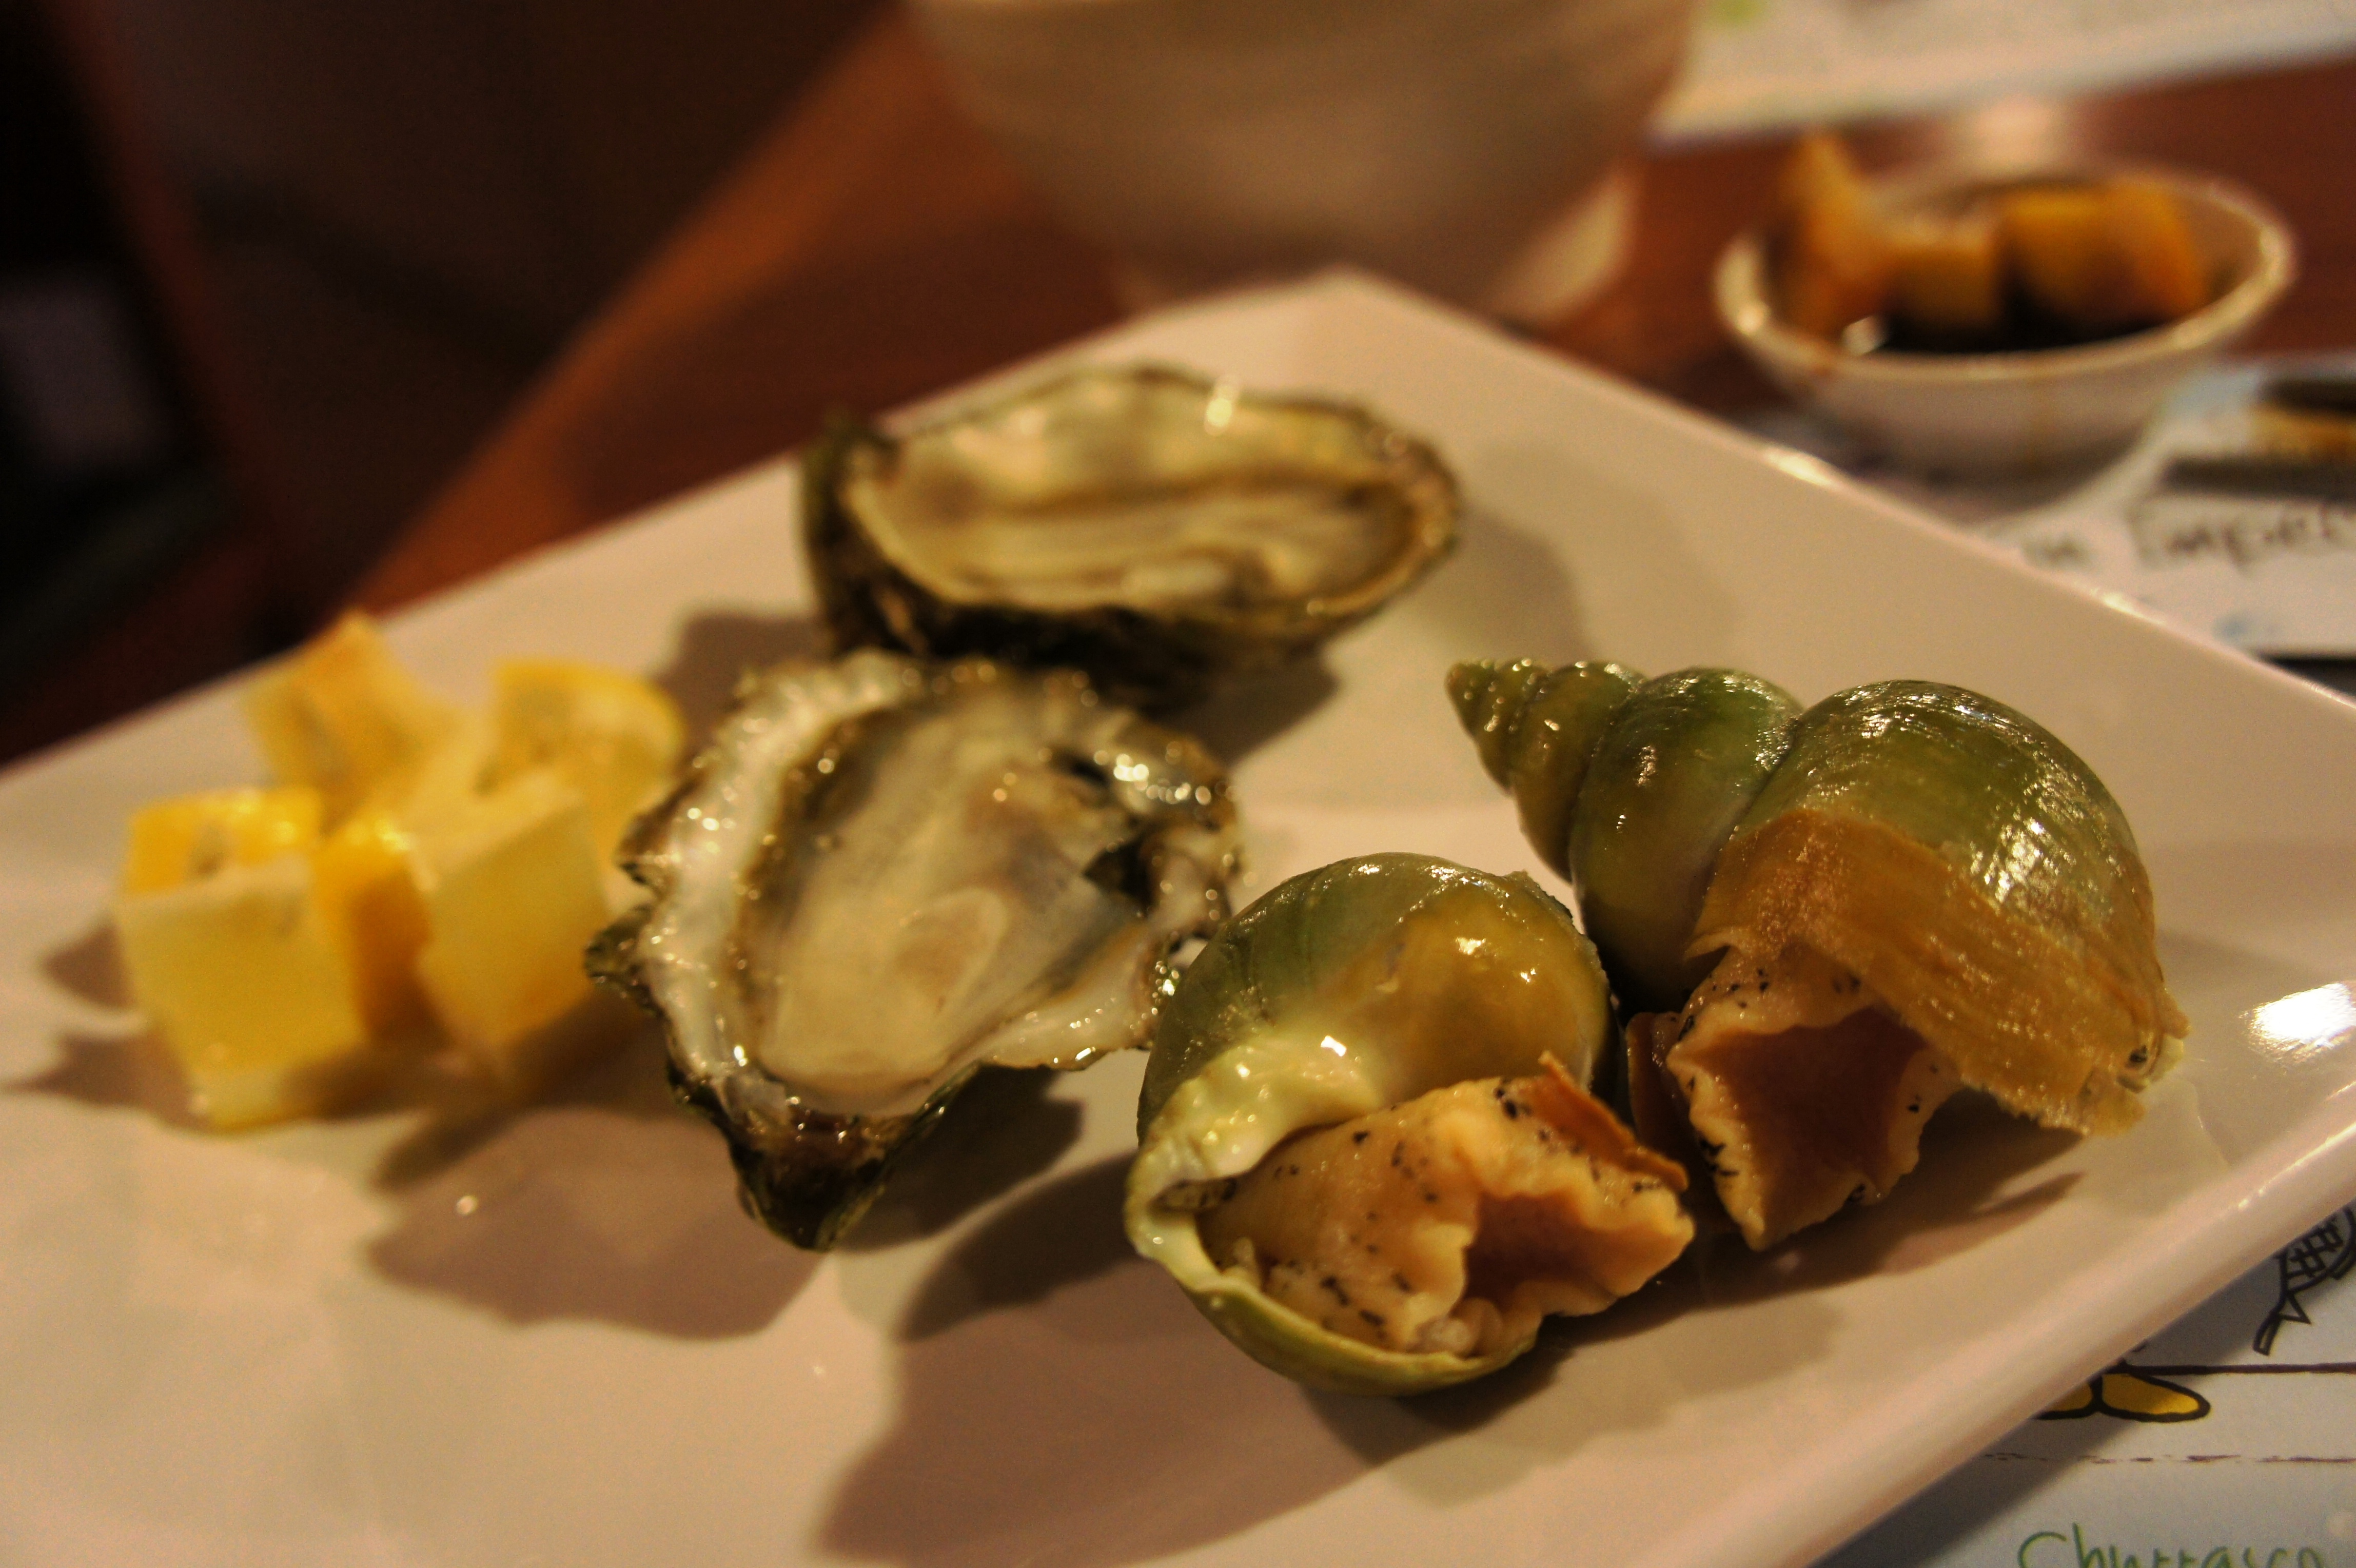 dsc01656-todai-oysters-snails1.jpg